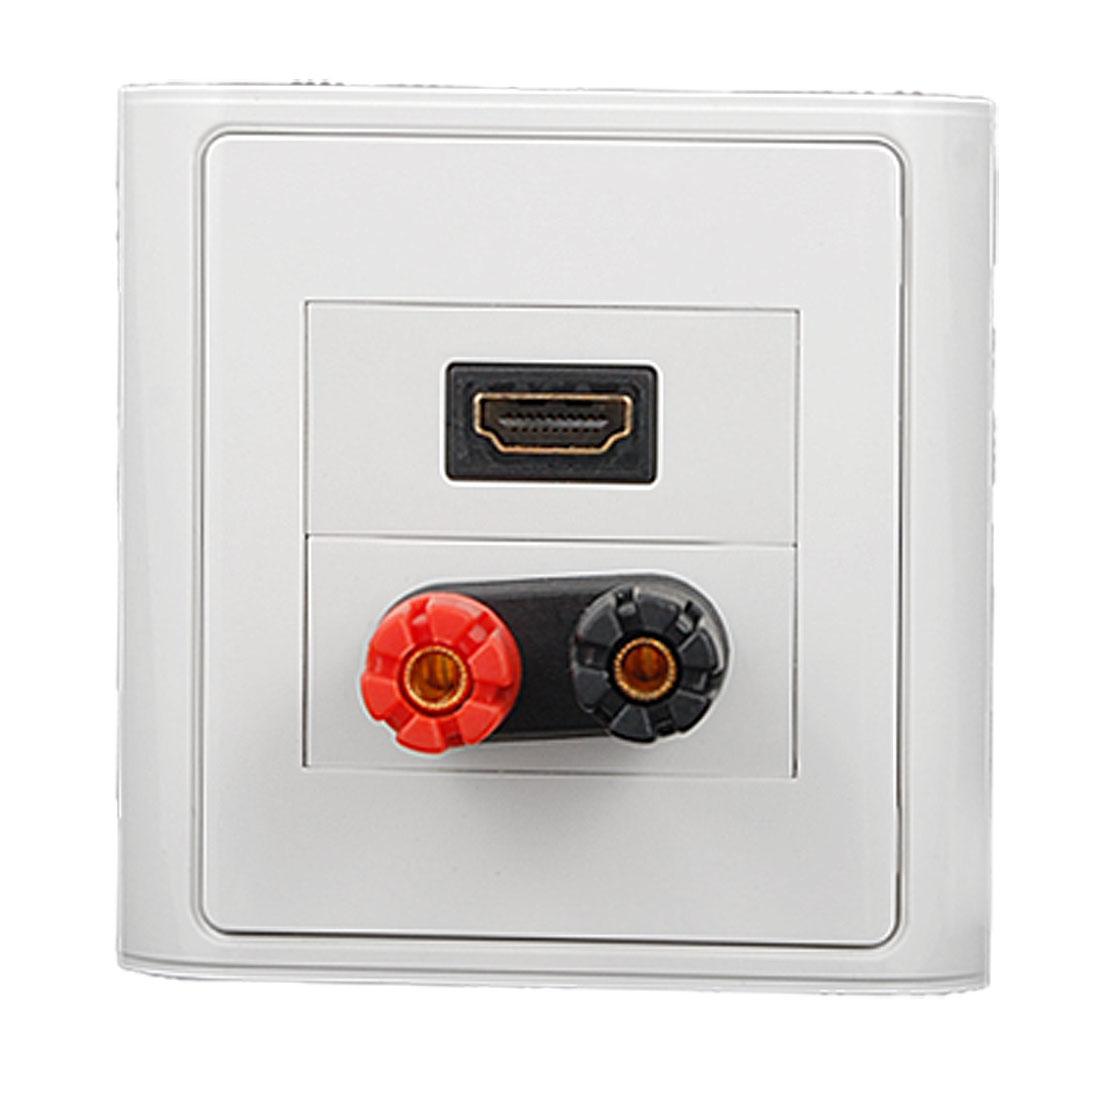 2 Binding Post for Single Speaker + HDMI Socket Wall Plate White